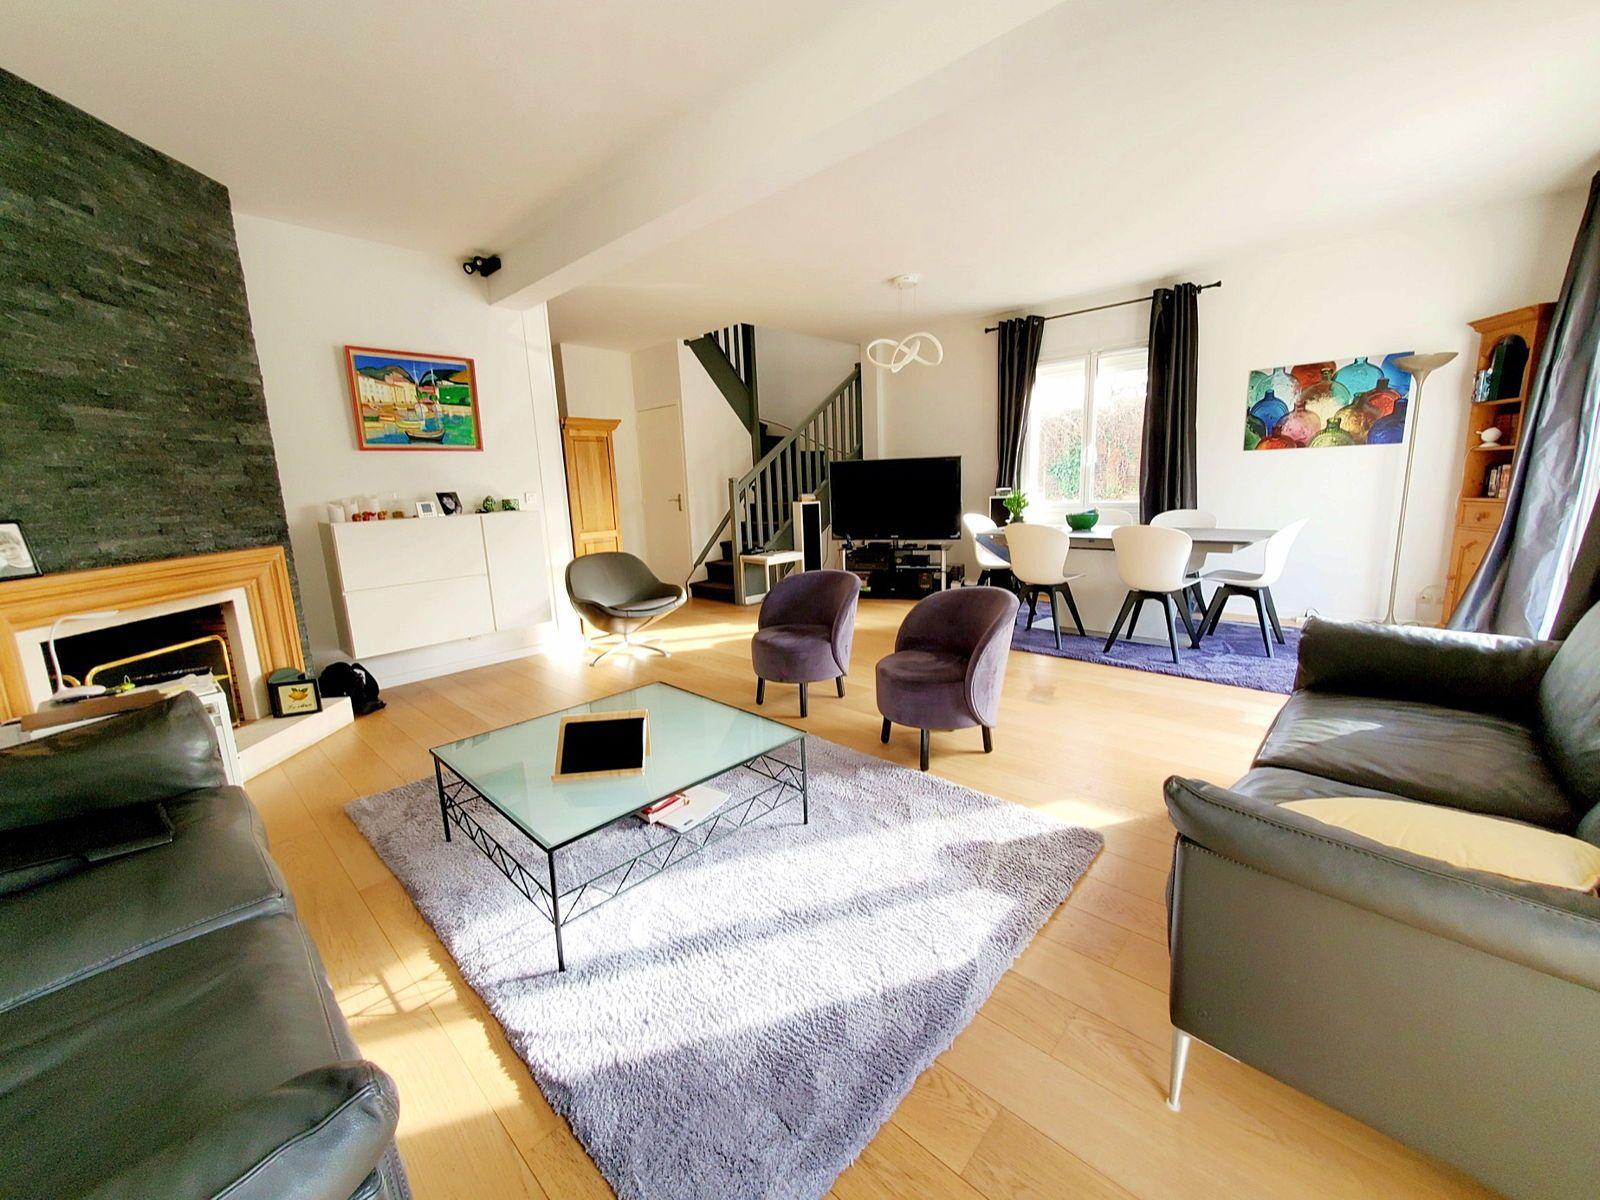 Vends maison Rueil-Malmaison 6pièces Quartier de Buzenval - 157m²